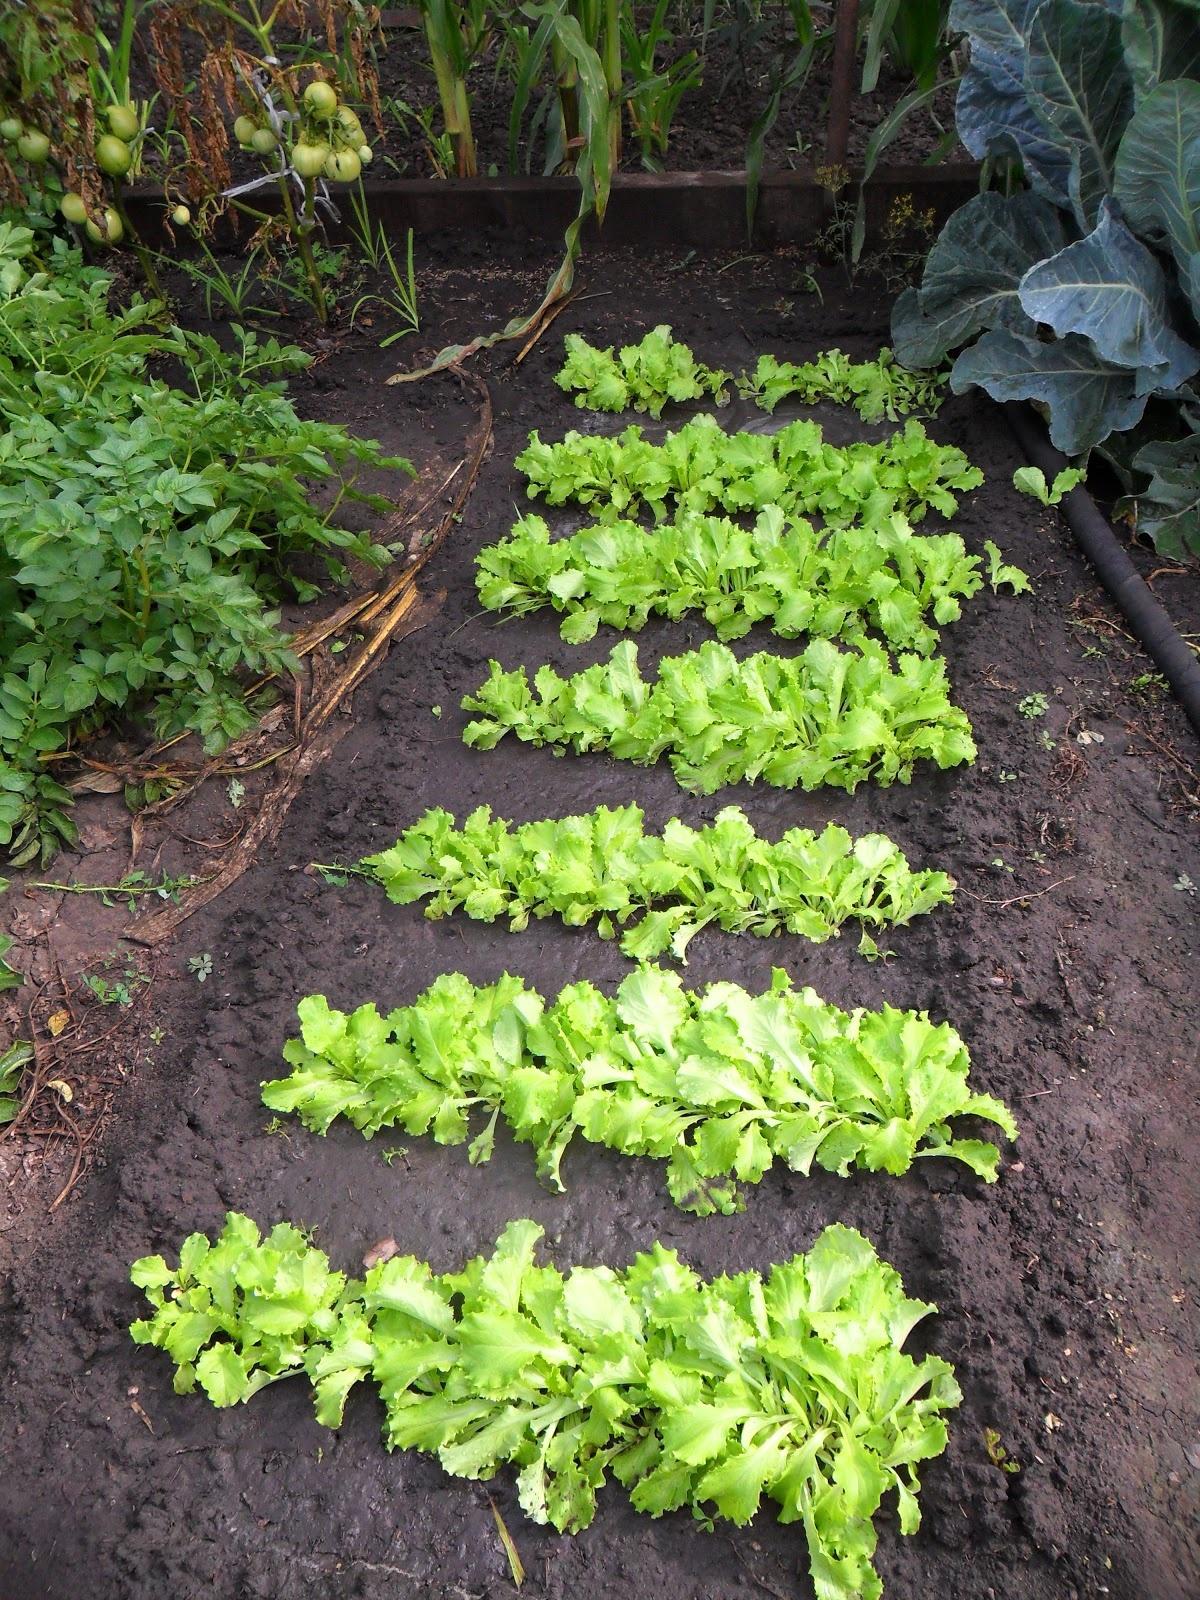 Советы садоводам: что посадить в июле-августе, чтобы использовать участок по максимуму